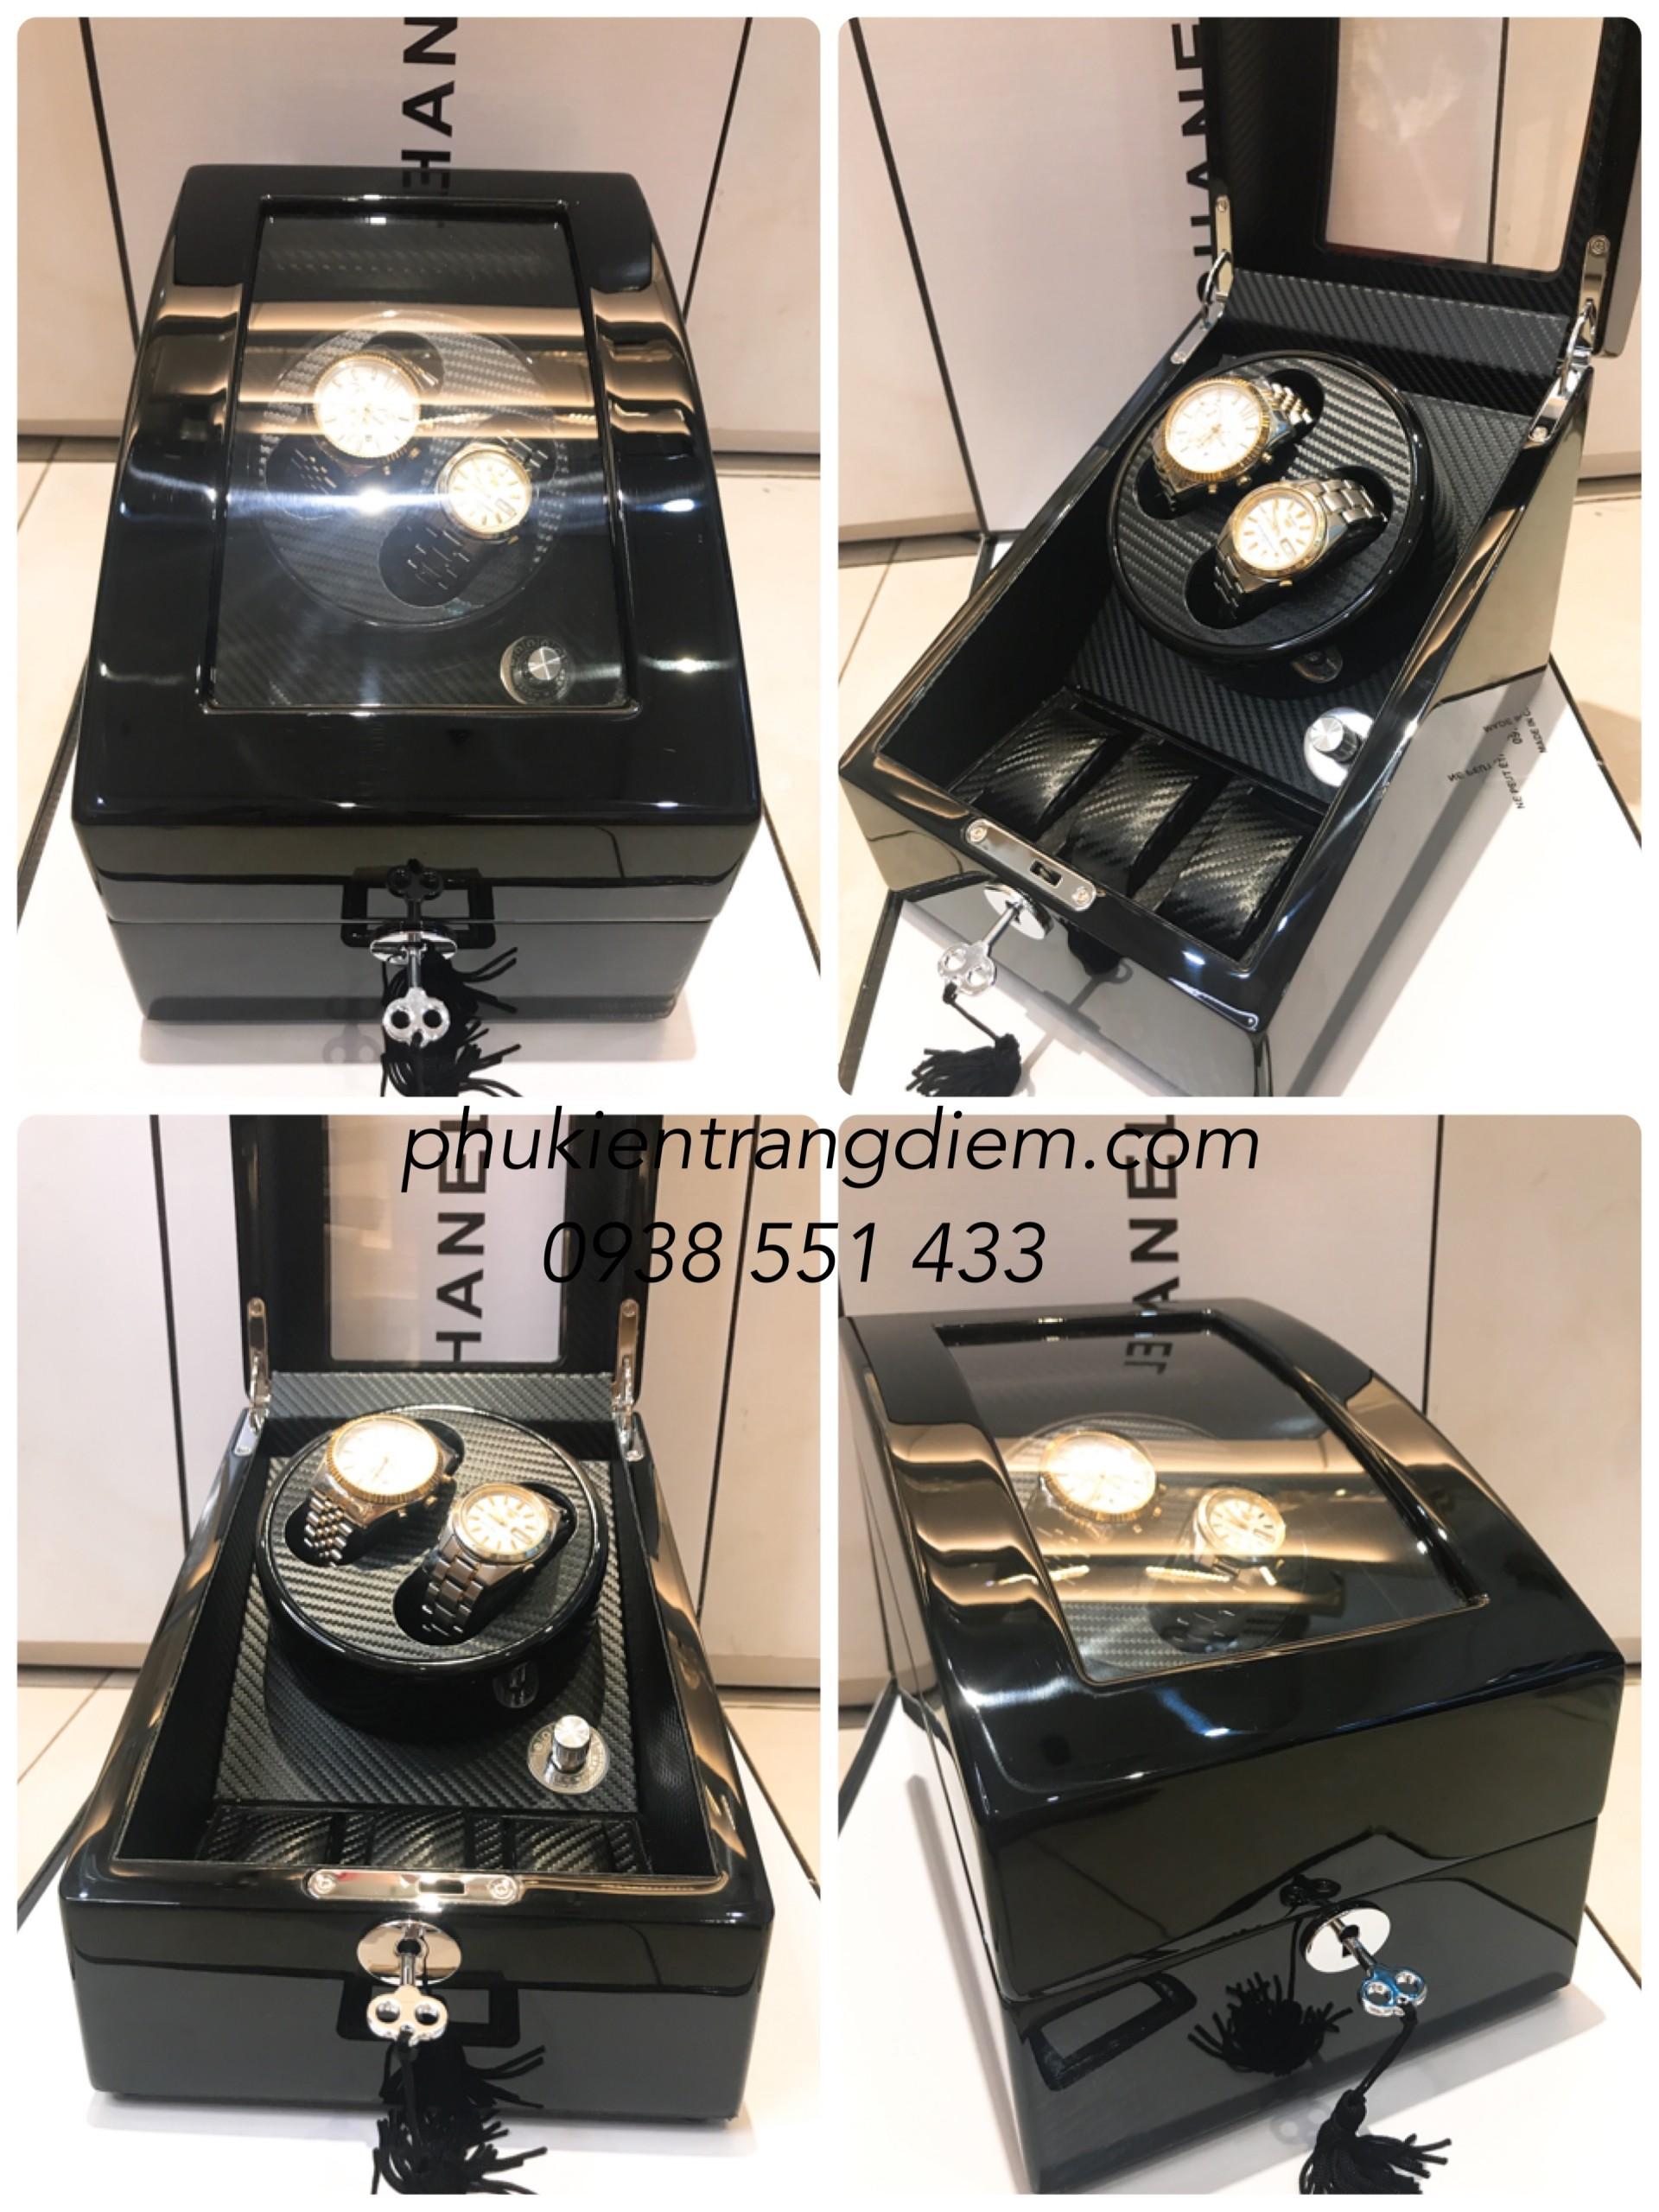 hộp đựng đồng hồ xoay cơ tự động 2 chiếc nhiều chế độ xoay tphcm